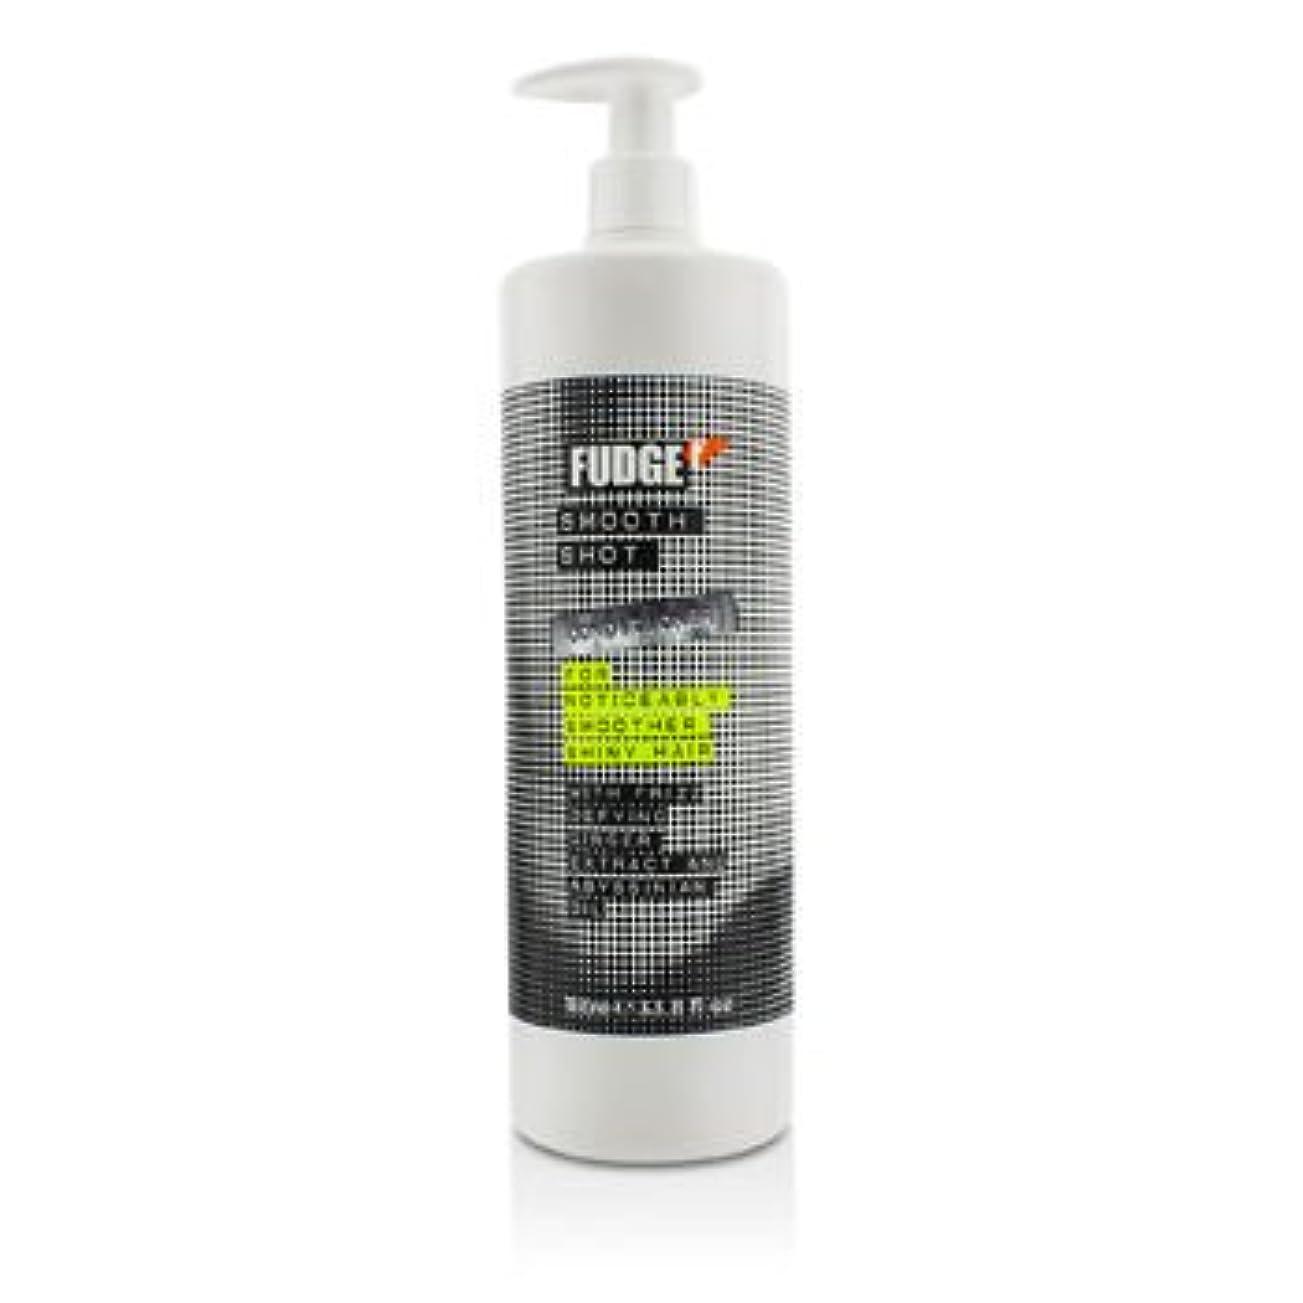 言い直す満州工業化する[Fudge] Smooth Shot Conditioner (For Noticeably Smoother Shiny Hair) 1000ml/33.8oz